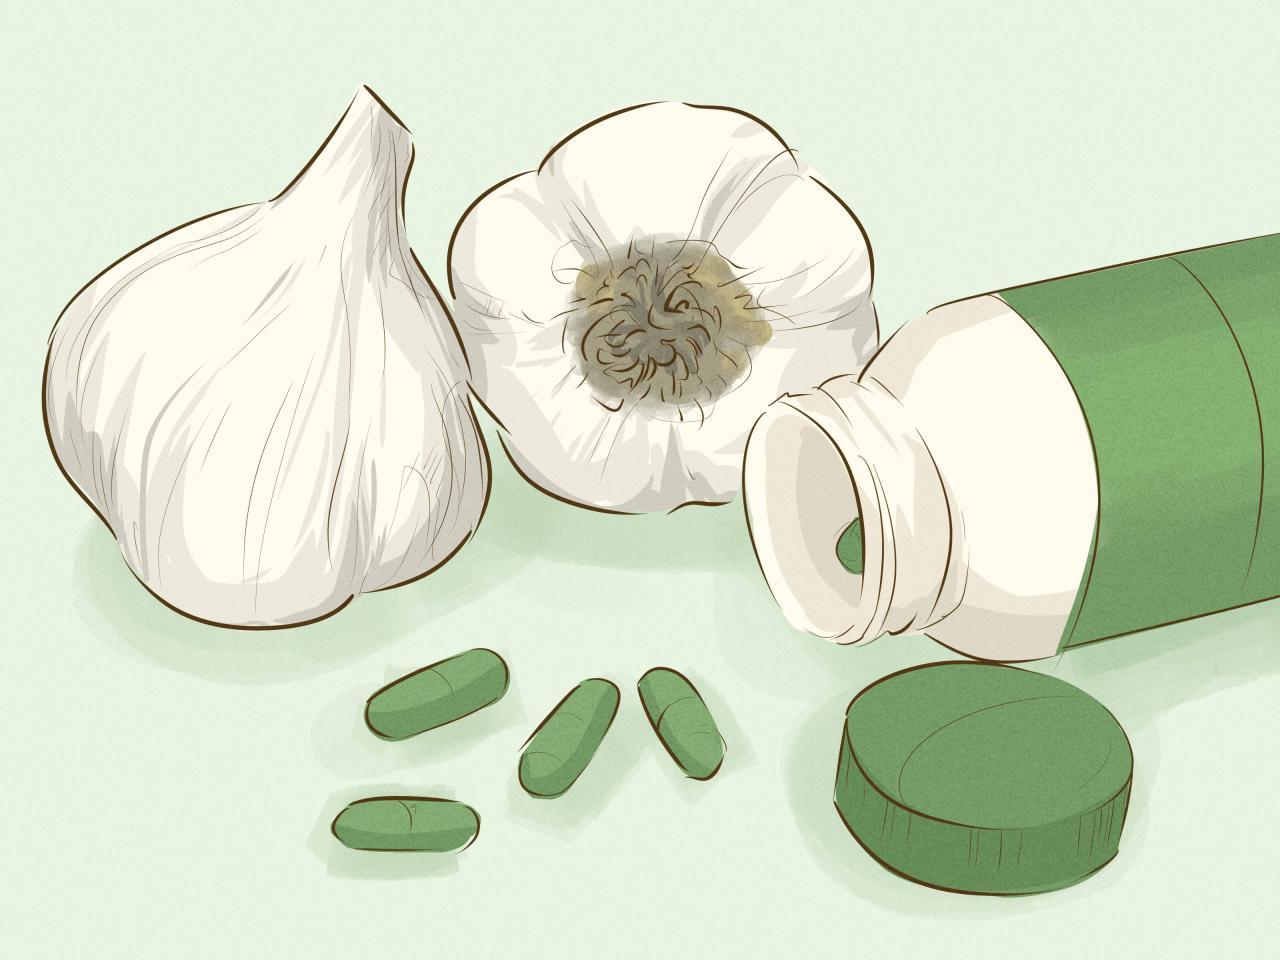 صور الثوم والدورة الشهرية فوائد واضرار الثوم للدوره